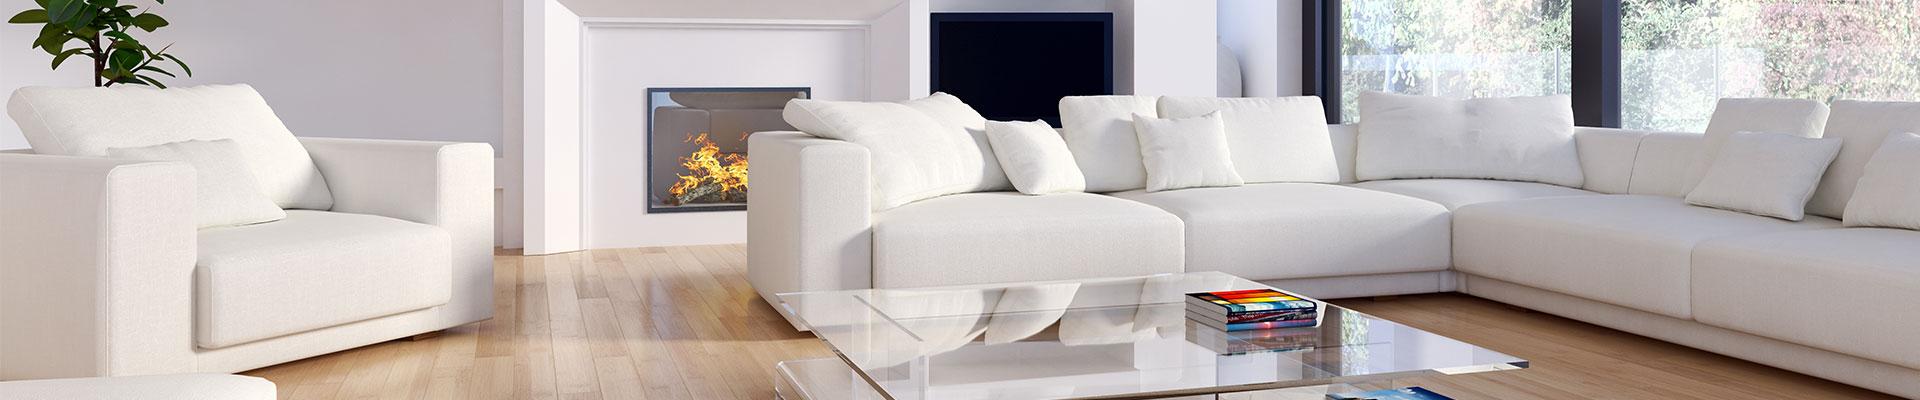 Renovation meuble lyon ameublement si ge fauteuil ms tapissier - Renovation de meubles ...